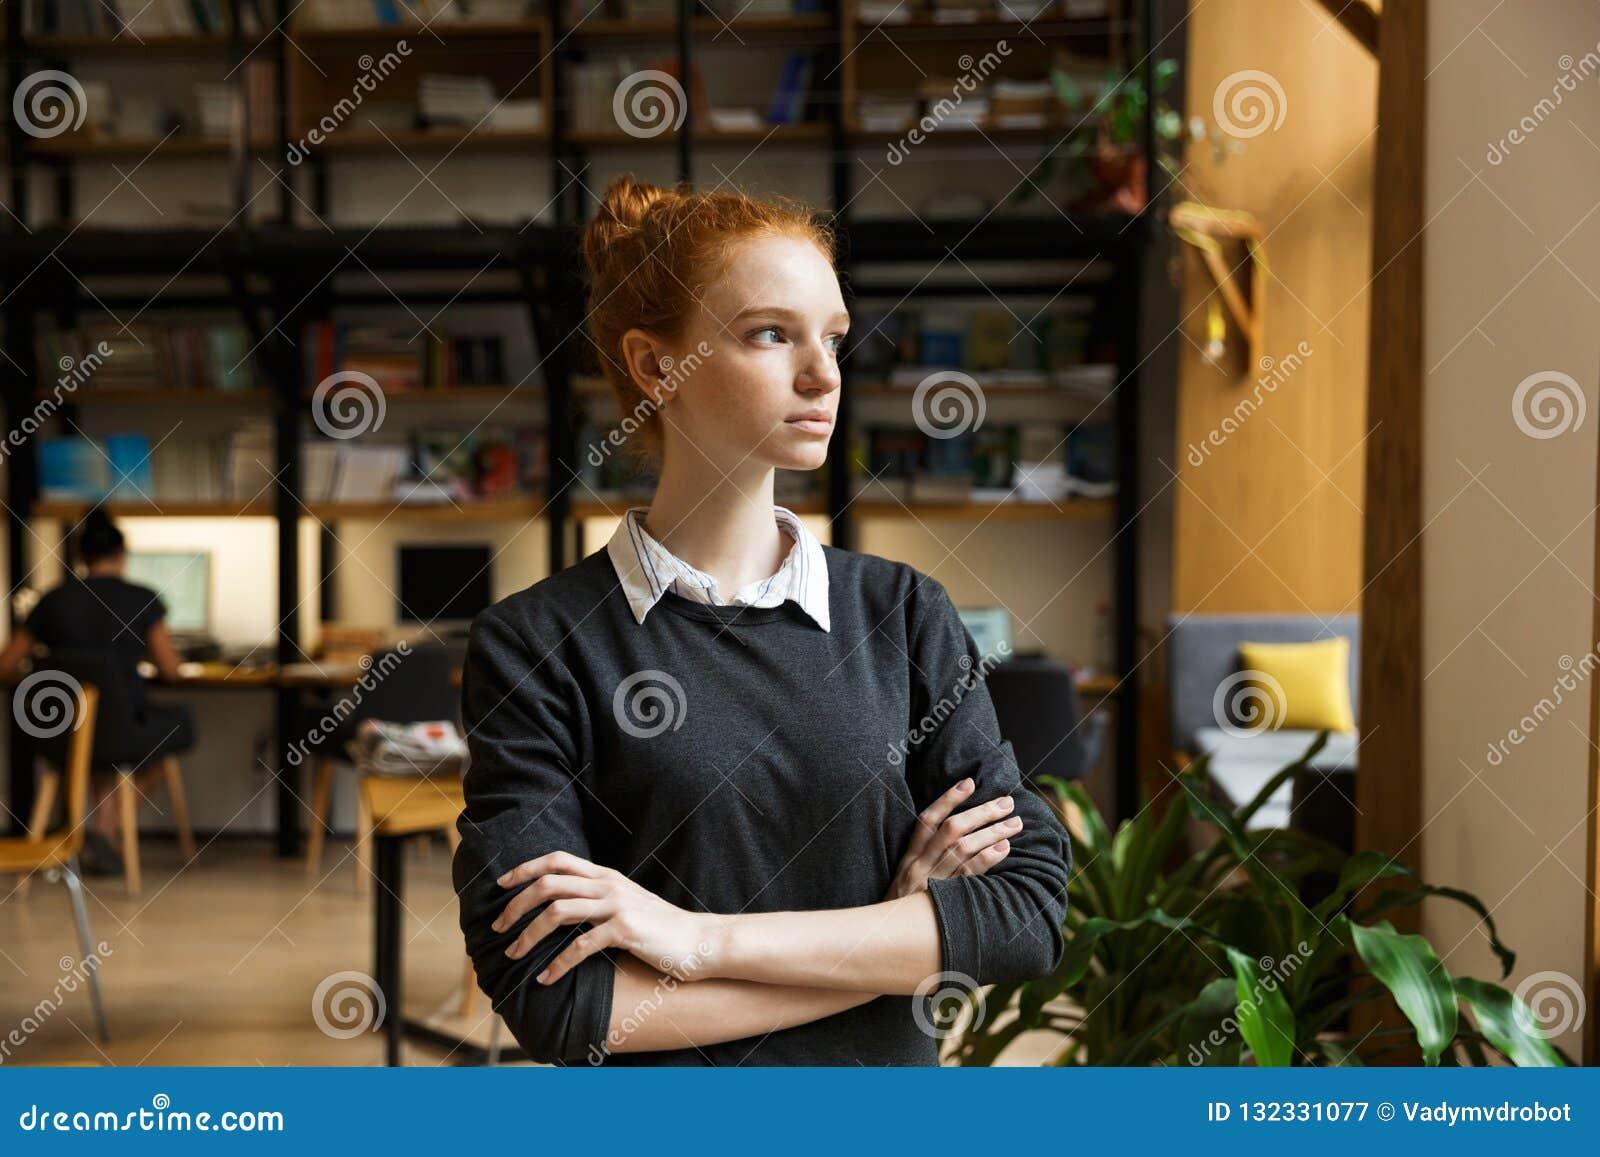 Poważny skoncentrowany rudzielec damy uczeń pozuje indoors w bibliotece